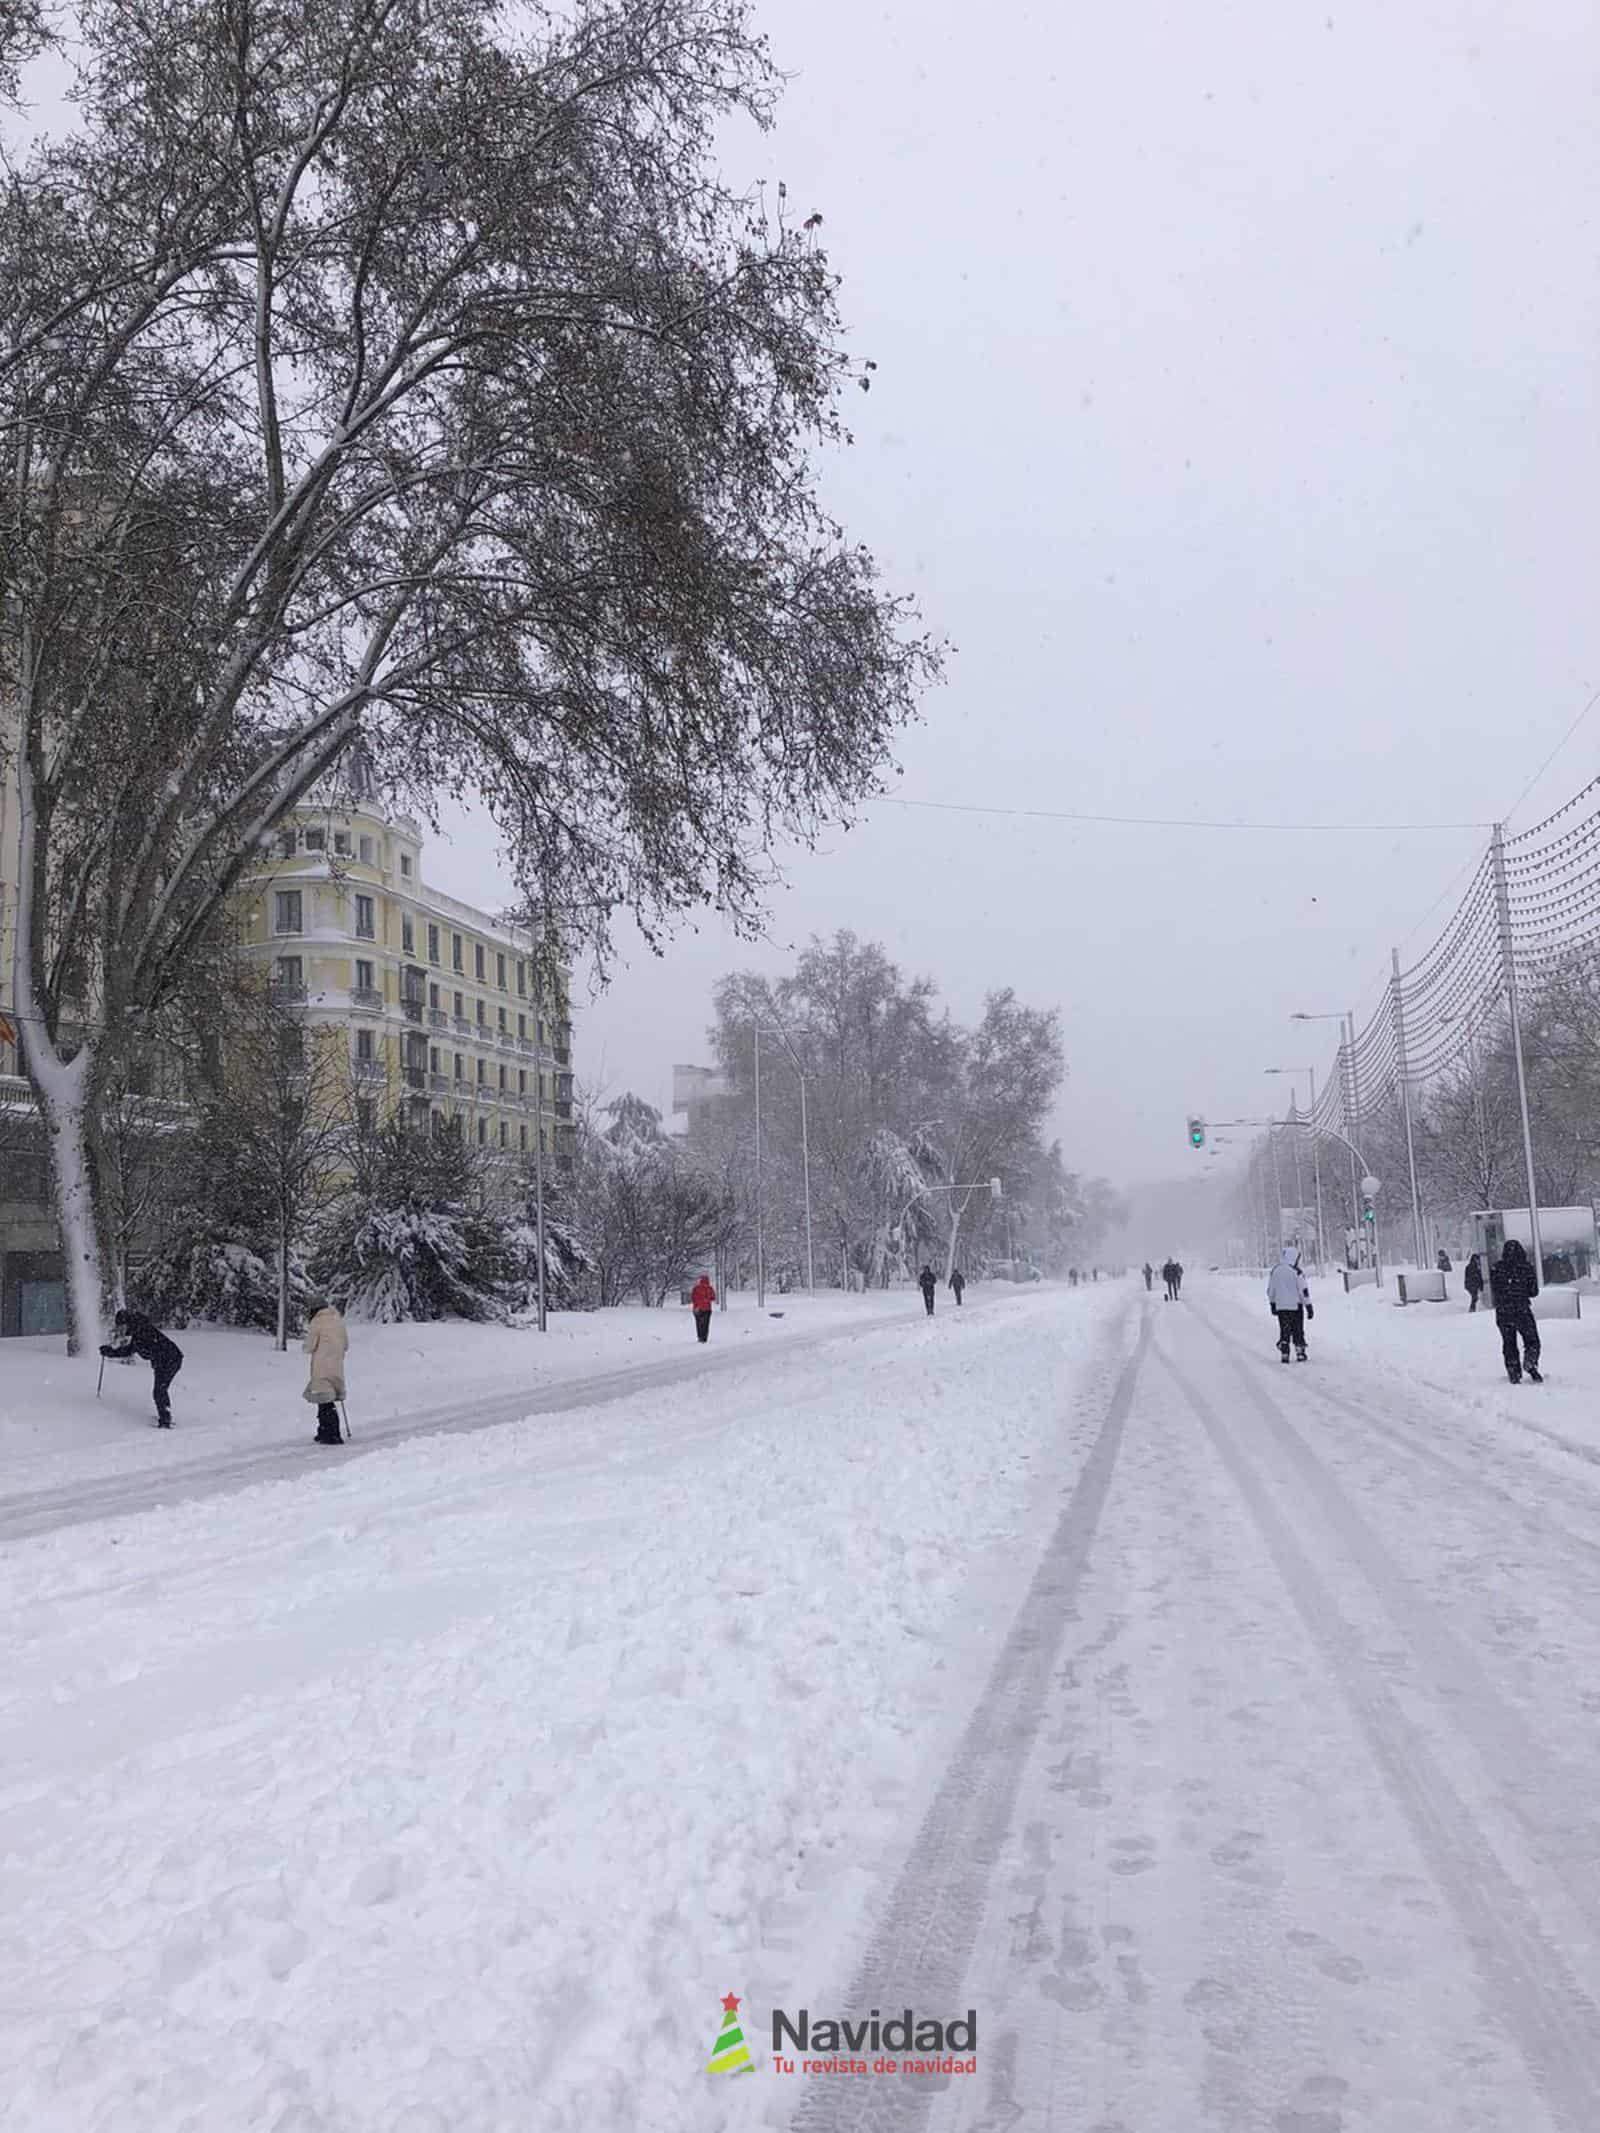 Fotografías de la nevada de enero en Madrid (España) 154